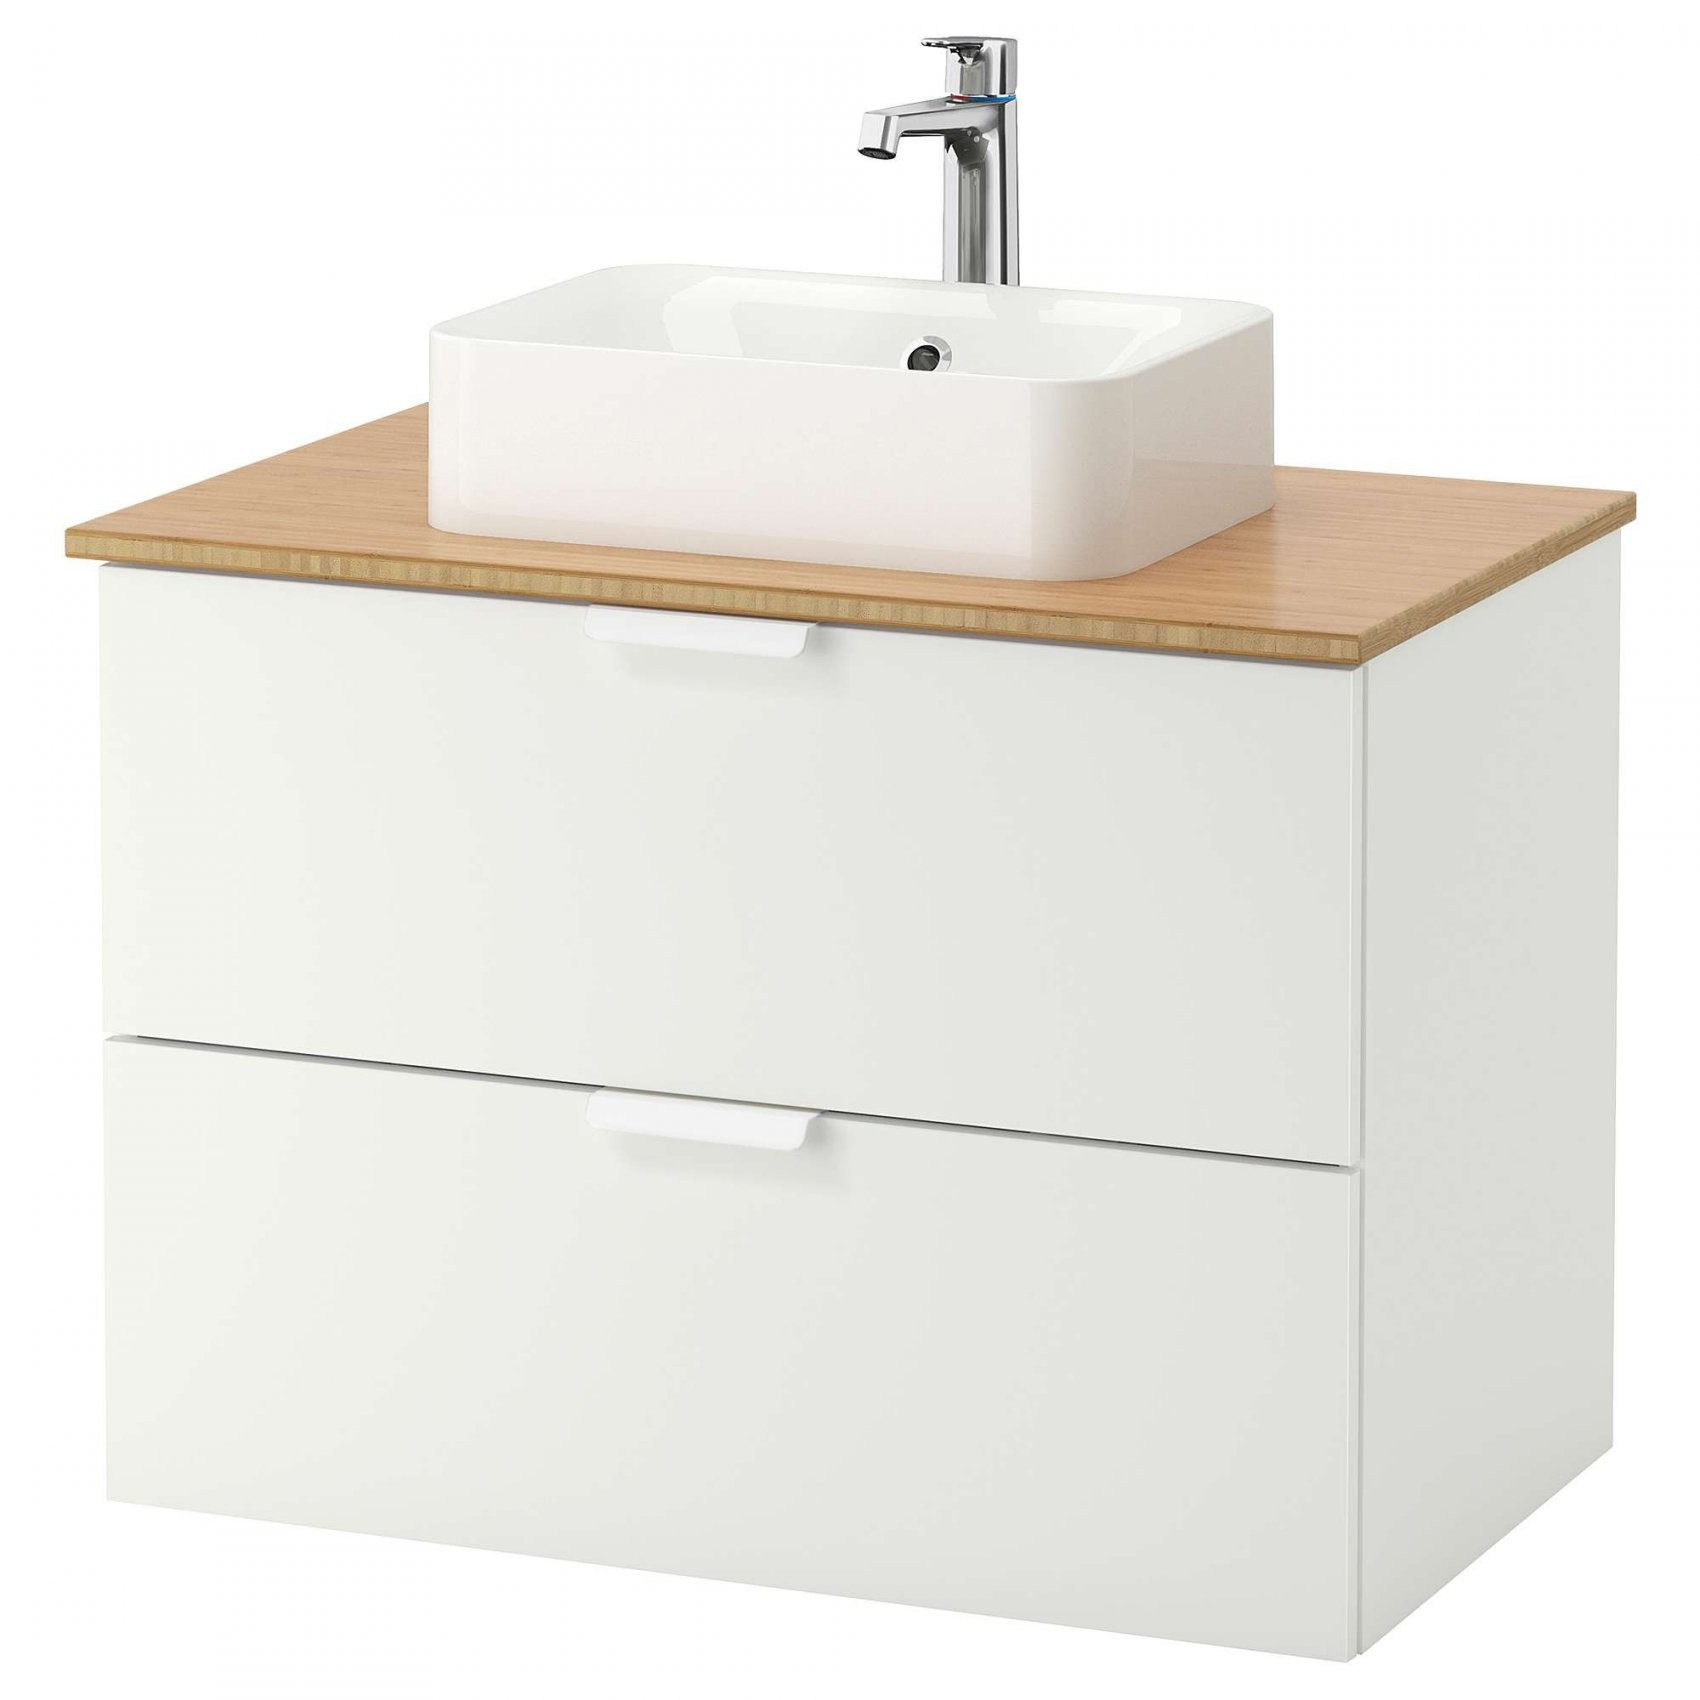 Aufsatzwaschbecken Rund Mit Unterschrank Mit 36 Schön Waschbecken von Waschbecken Mit Unterschrank Klein Photo